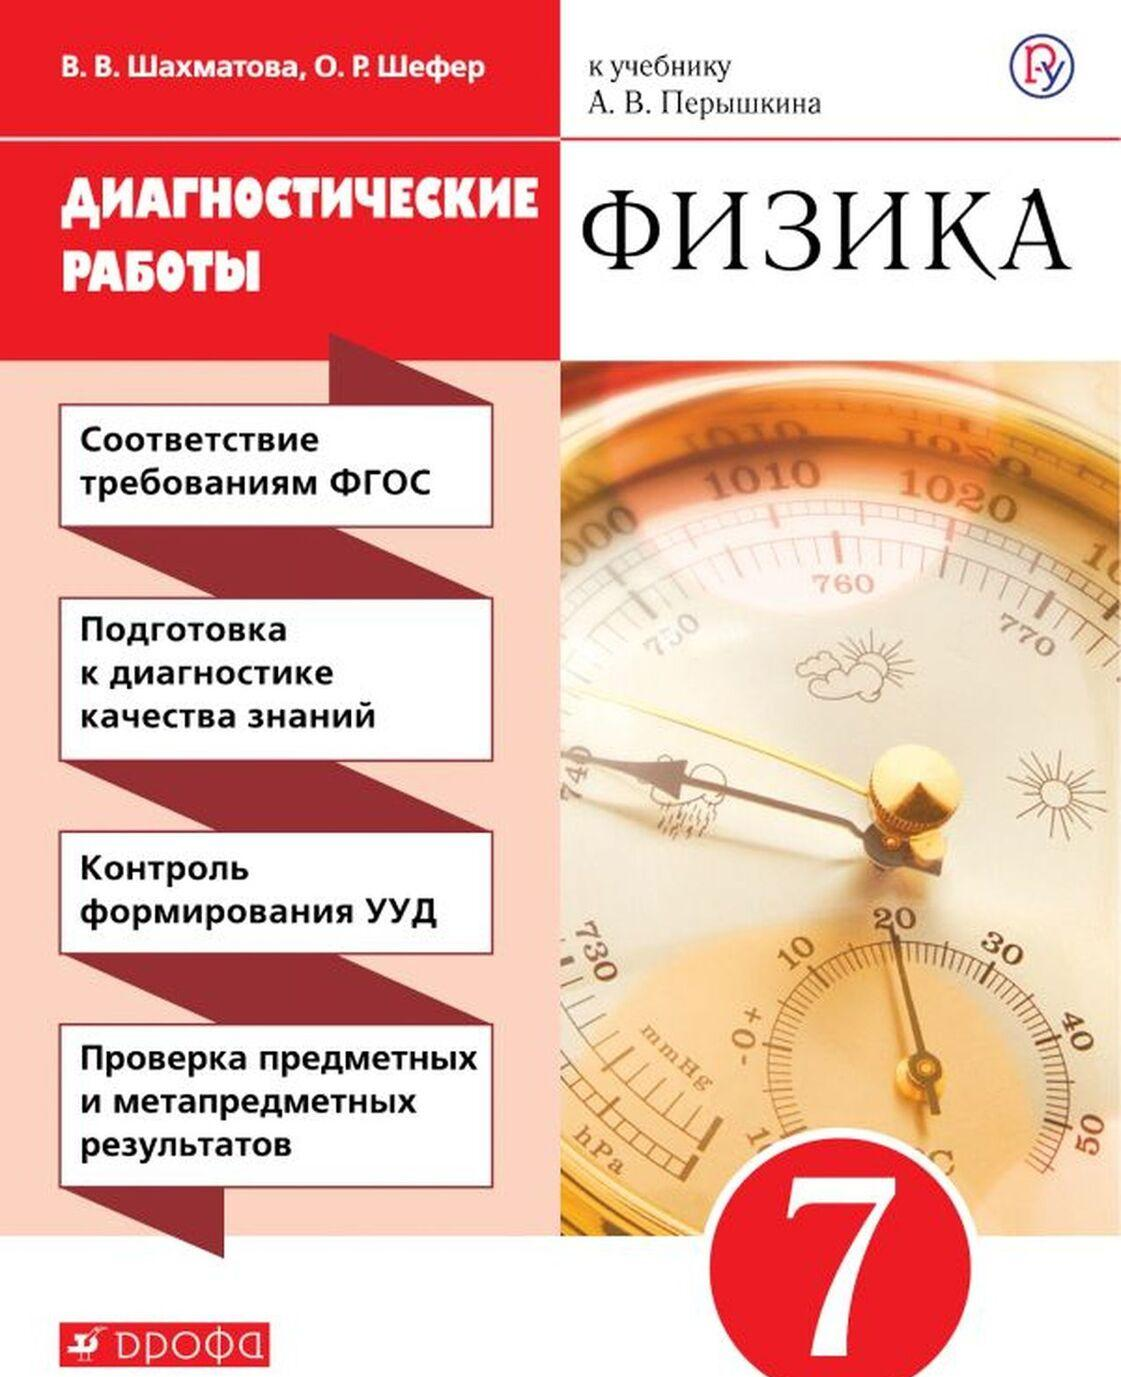 Fizika. 7 klass. Diagnosticheskie raboty. K uchebniku A. V. Peryshkina | Shakhmatova Valentina Vasilevna, Shefer Olga Robertovna